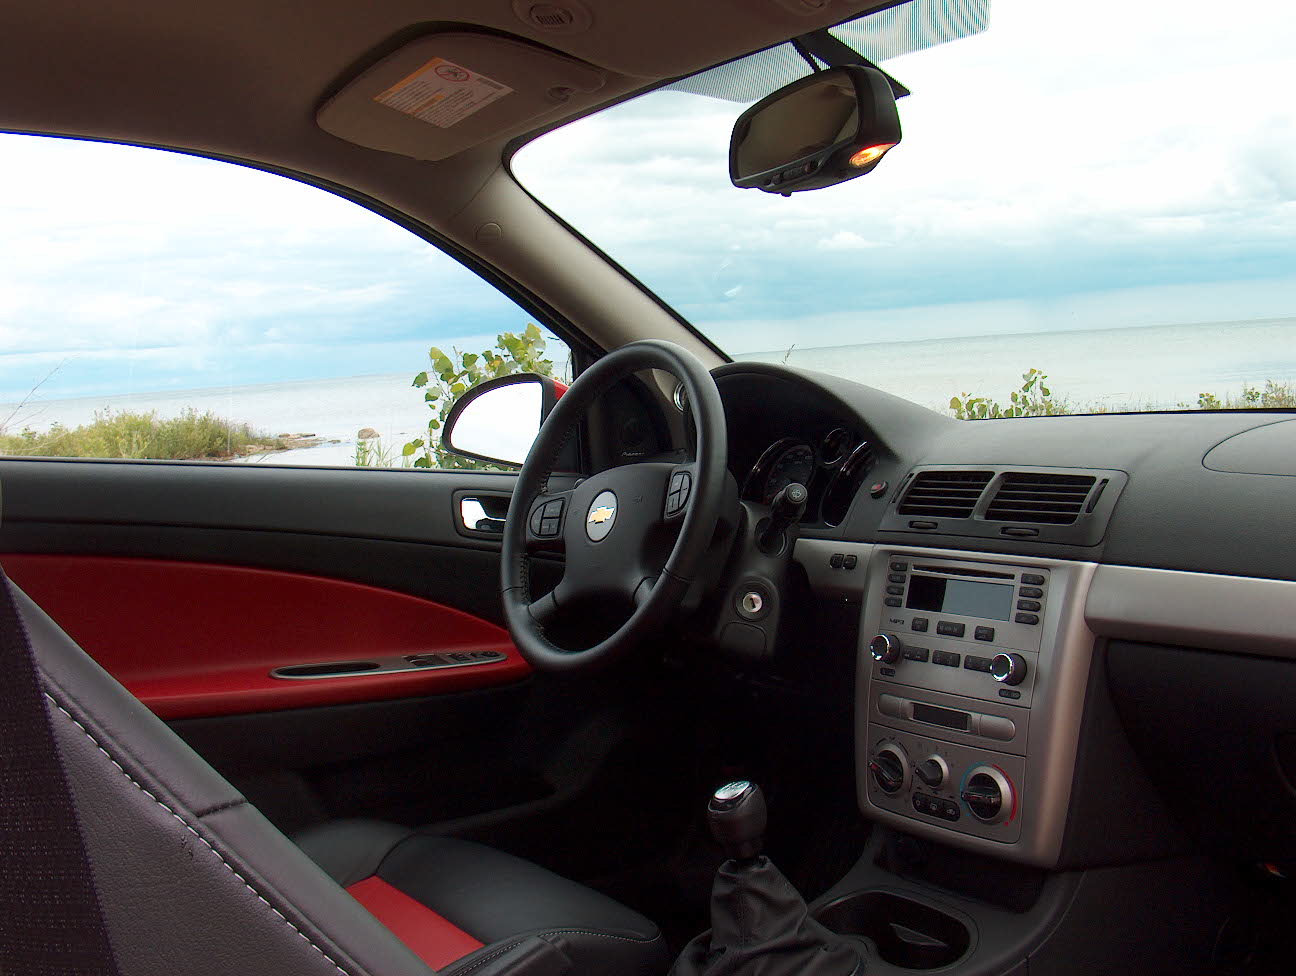 Automotive Trends » 2005 Chevrolet Cobalt SS